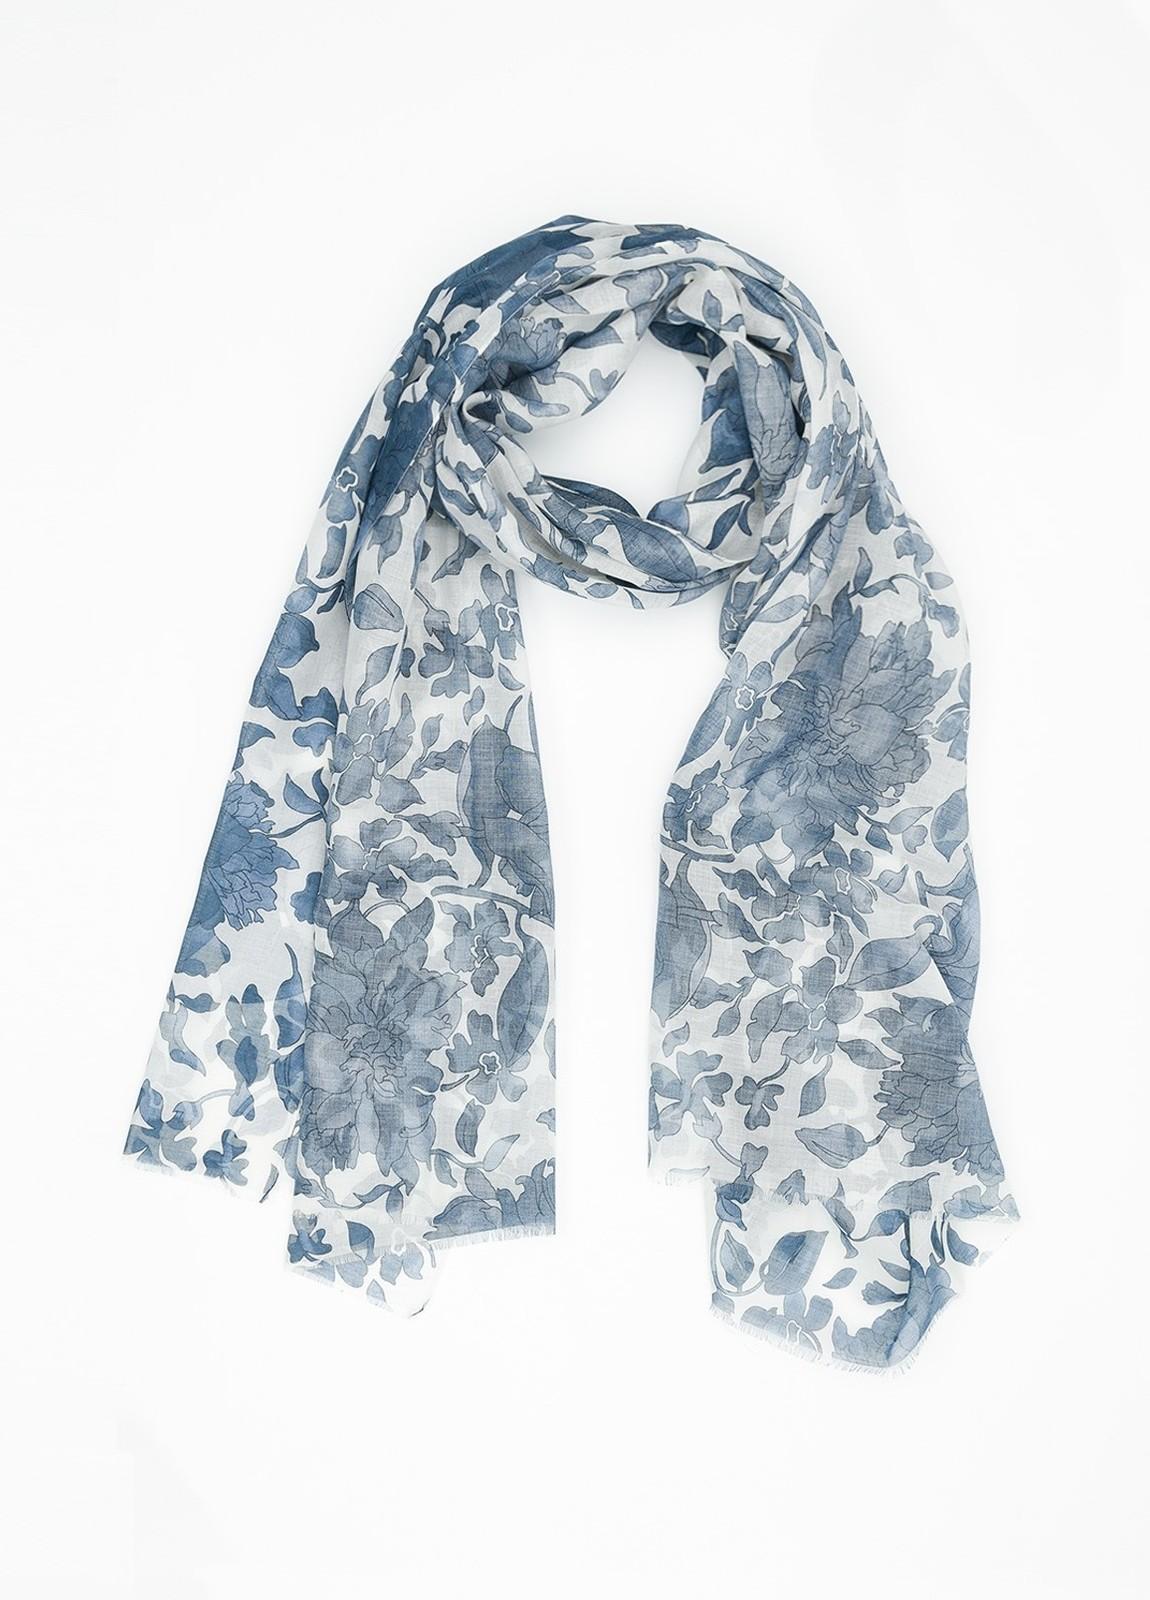 Foulard estampado floral color azul, 70 x 200 cm, 93% algodón, 7% cashmere.